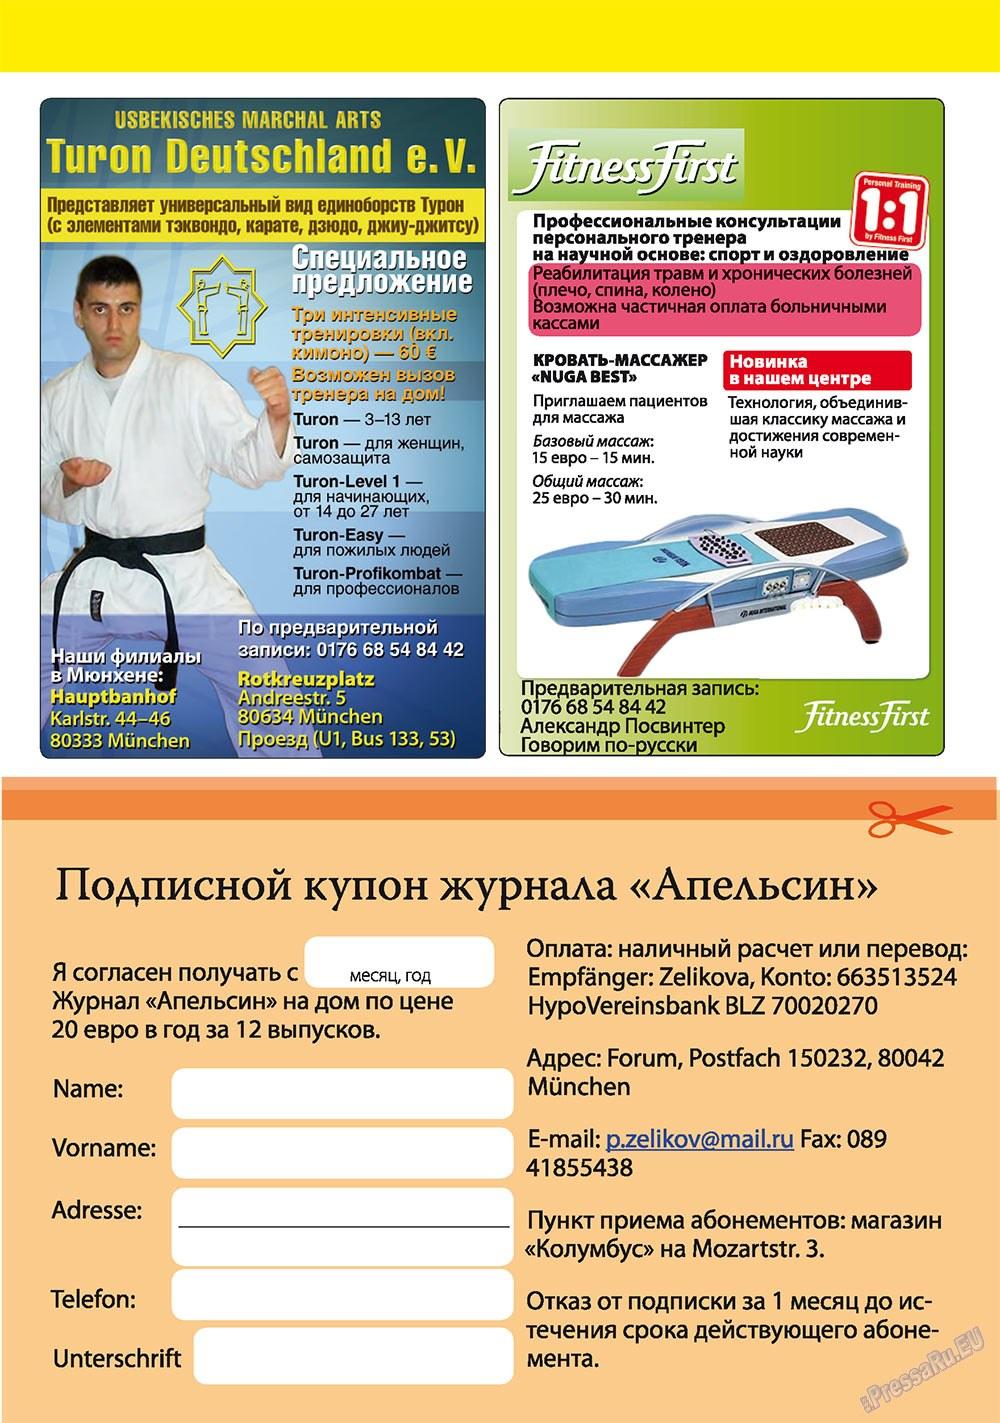 Апельсин (журнал). 2010 год, номер 11, стр. 37